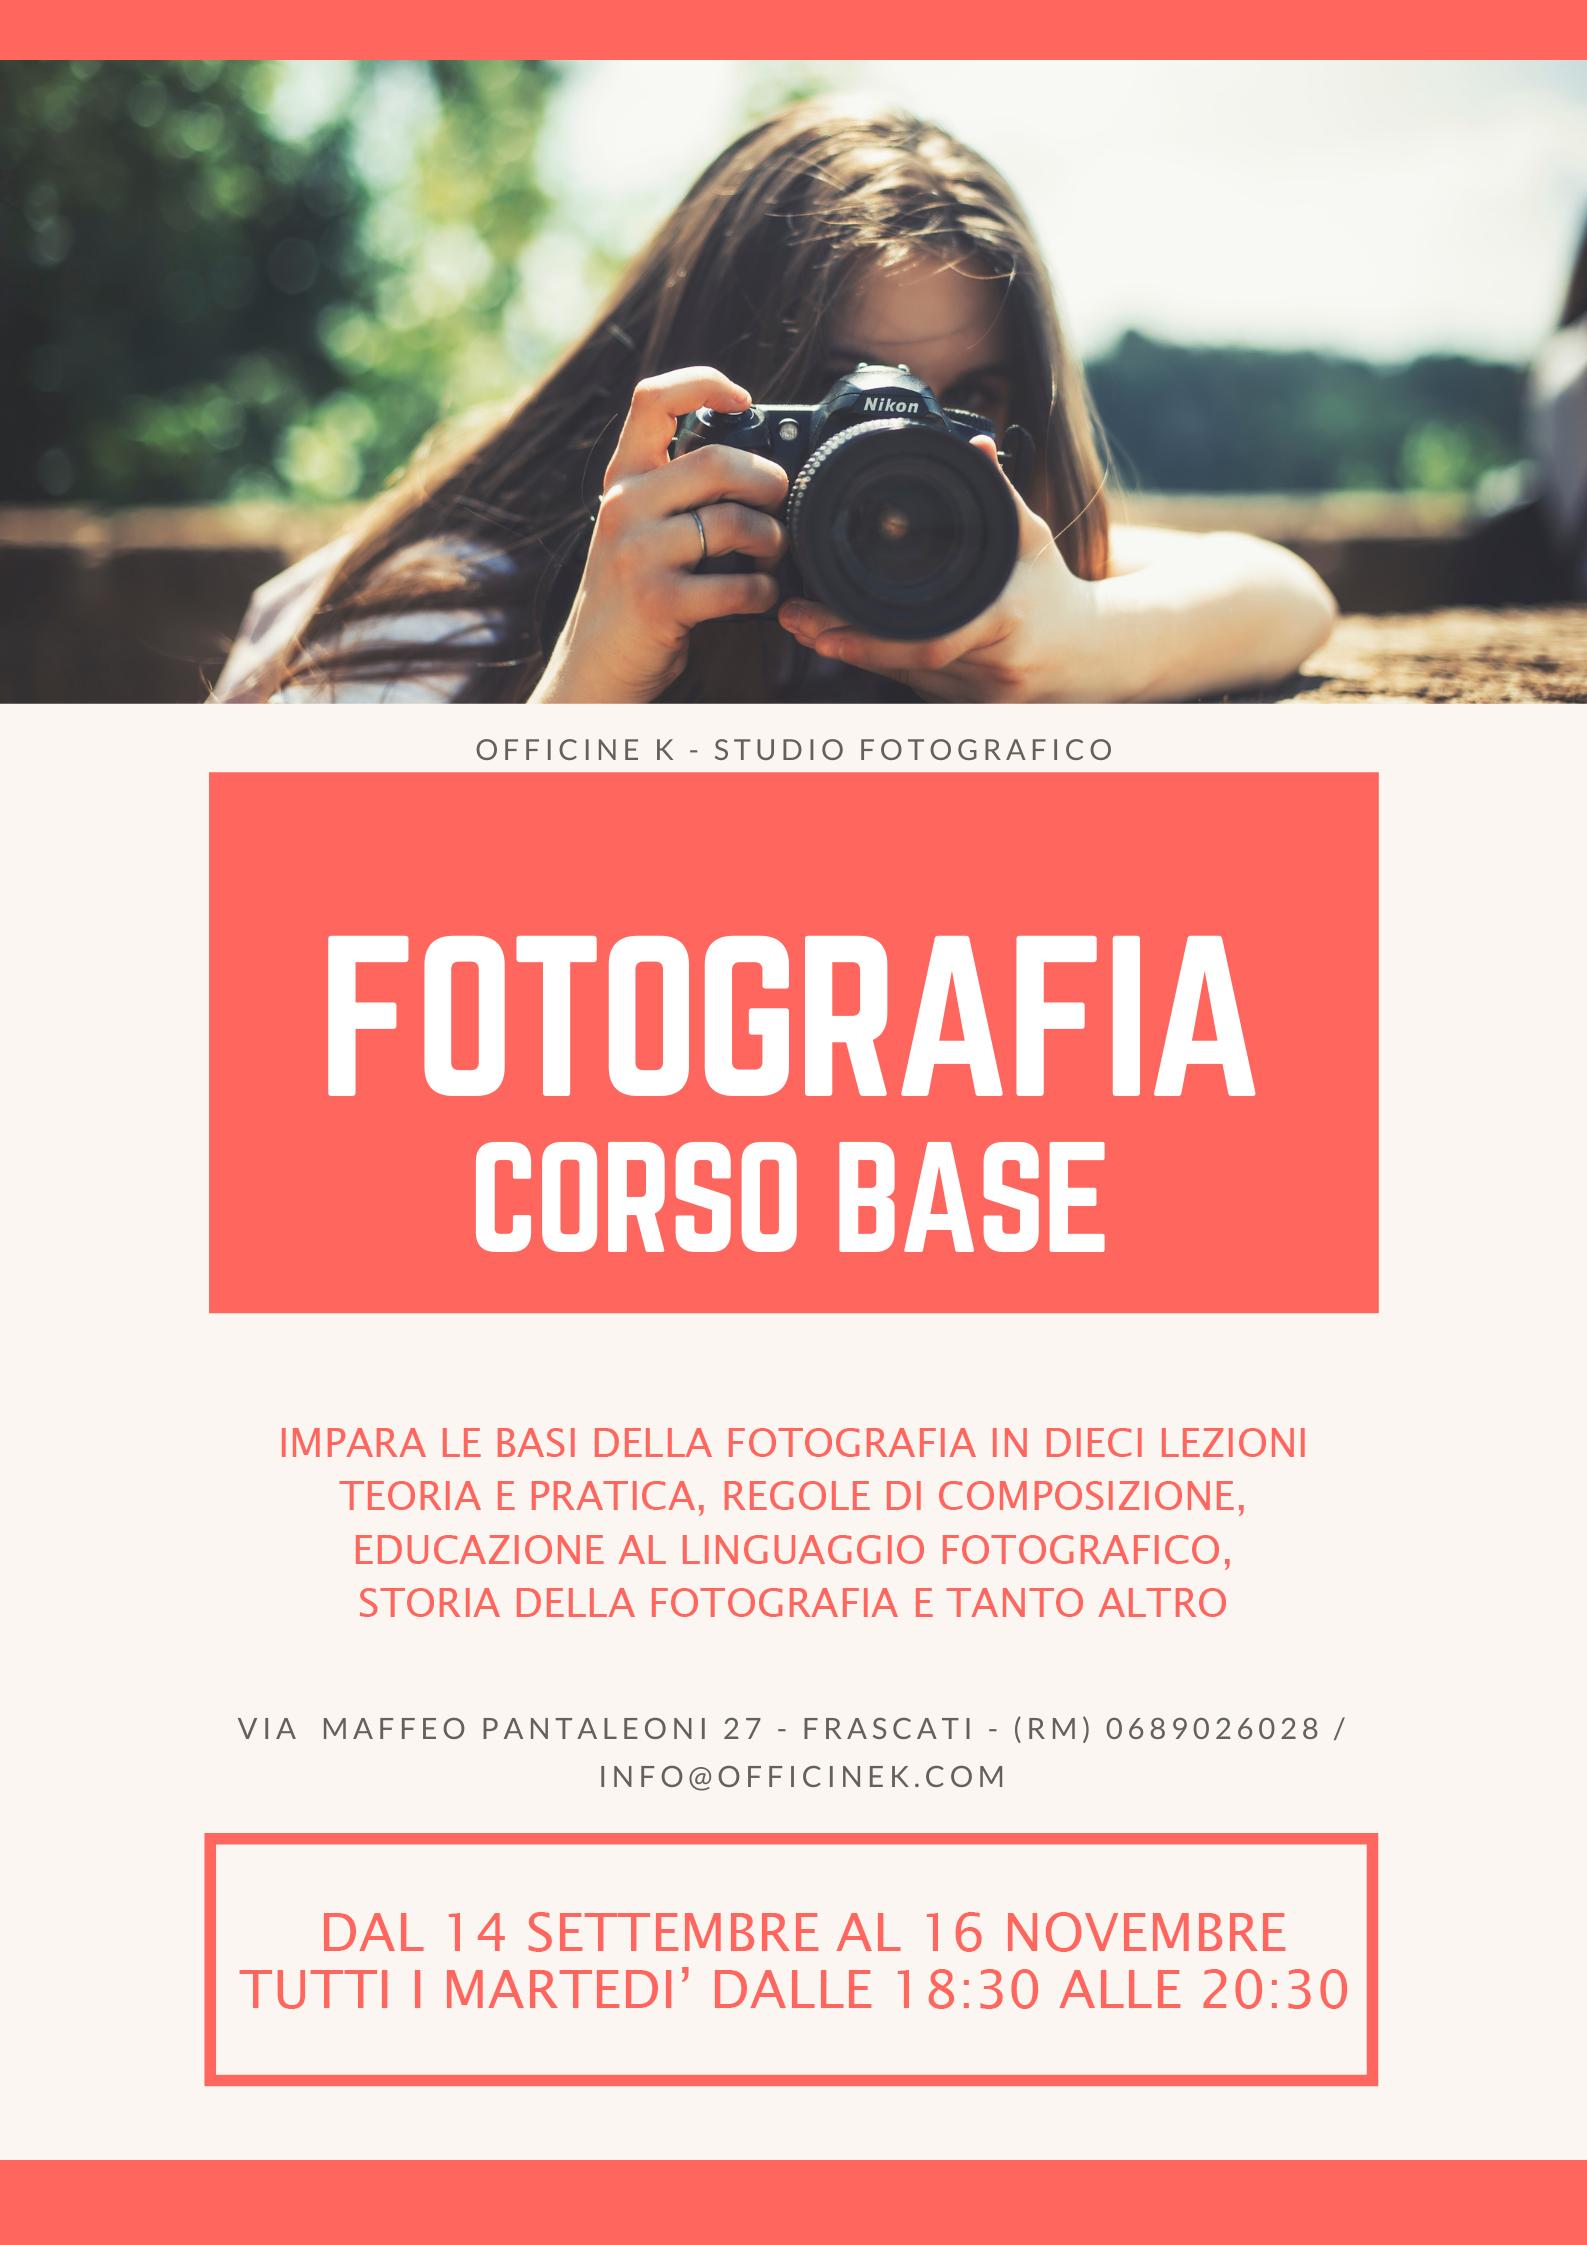 SCUOLA DI FOTOGRAFIA – CORSO BASE